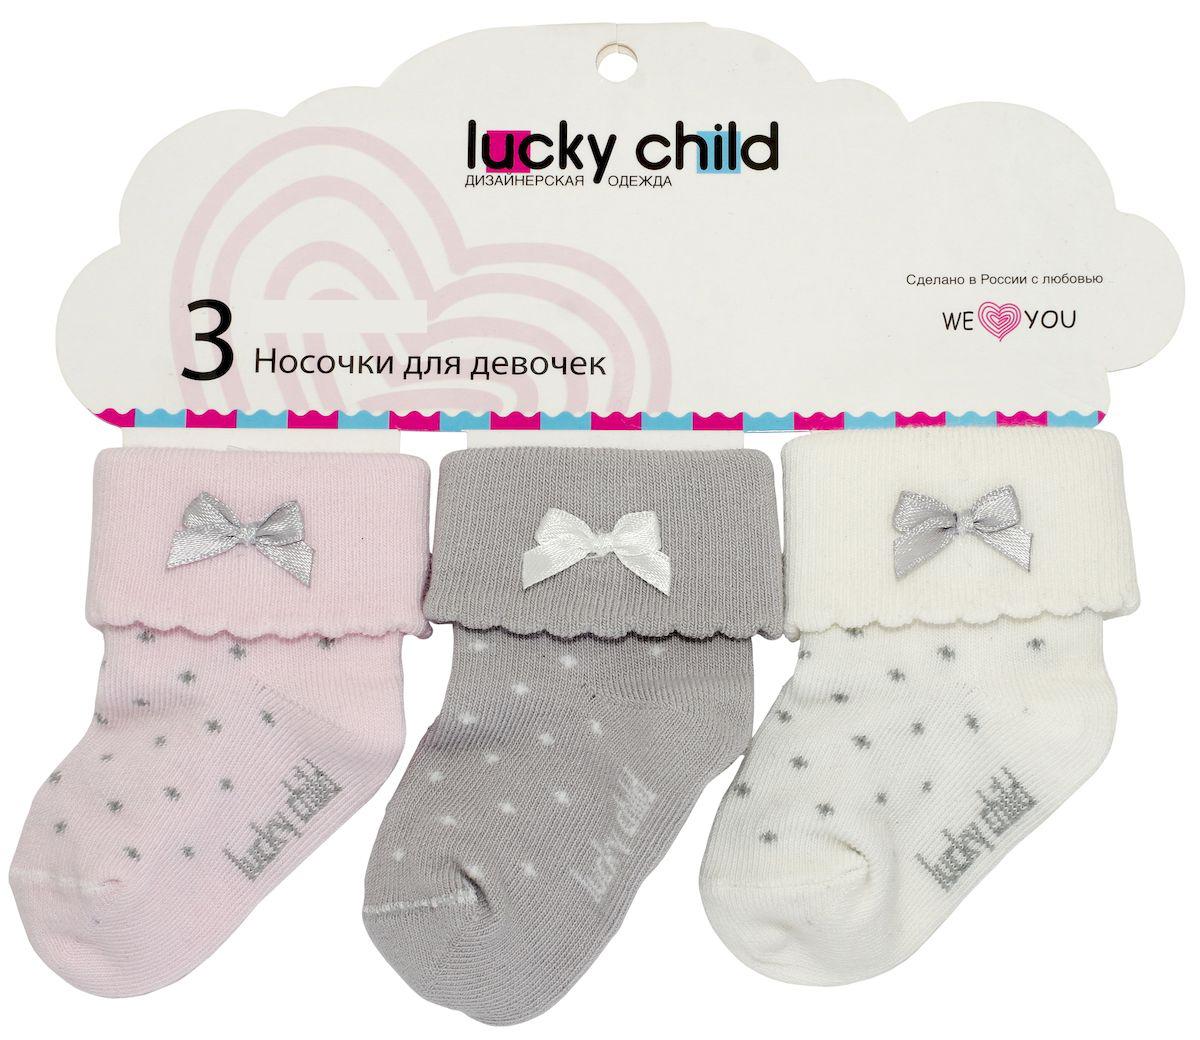 Комплект носковН-1ДНосочки от Lucky Child подходят малышам по всем анатомическим показателям: они очень мягкие, хорошо держат форму, резинка по краям не давит на ножку. Обратите внимание на детали: кокетливый бантик из атласной ленточки, рисунок в мелкий горошек и невероятно удобная резинка по краям. Комплект носков от Lucky Child – это милый и трогательный знак внимания, который может быть как отдельным подарком, так и дополнением к чему-то большему.